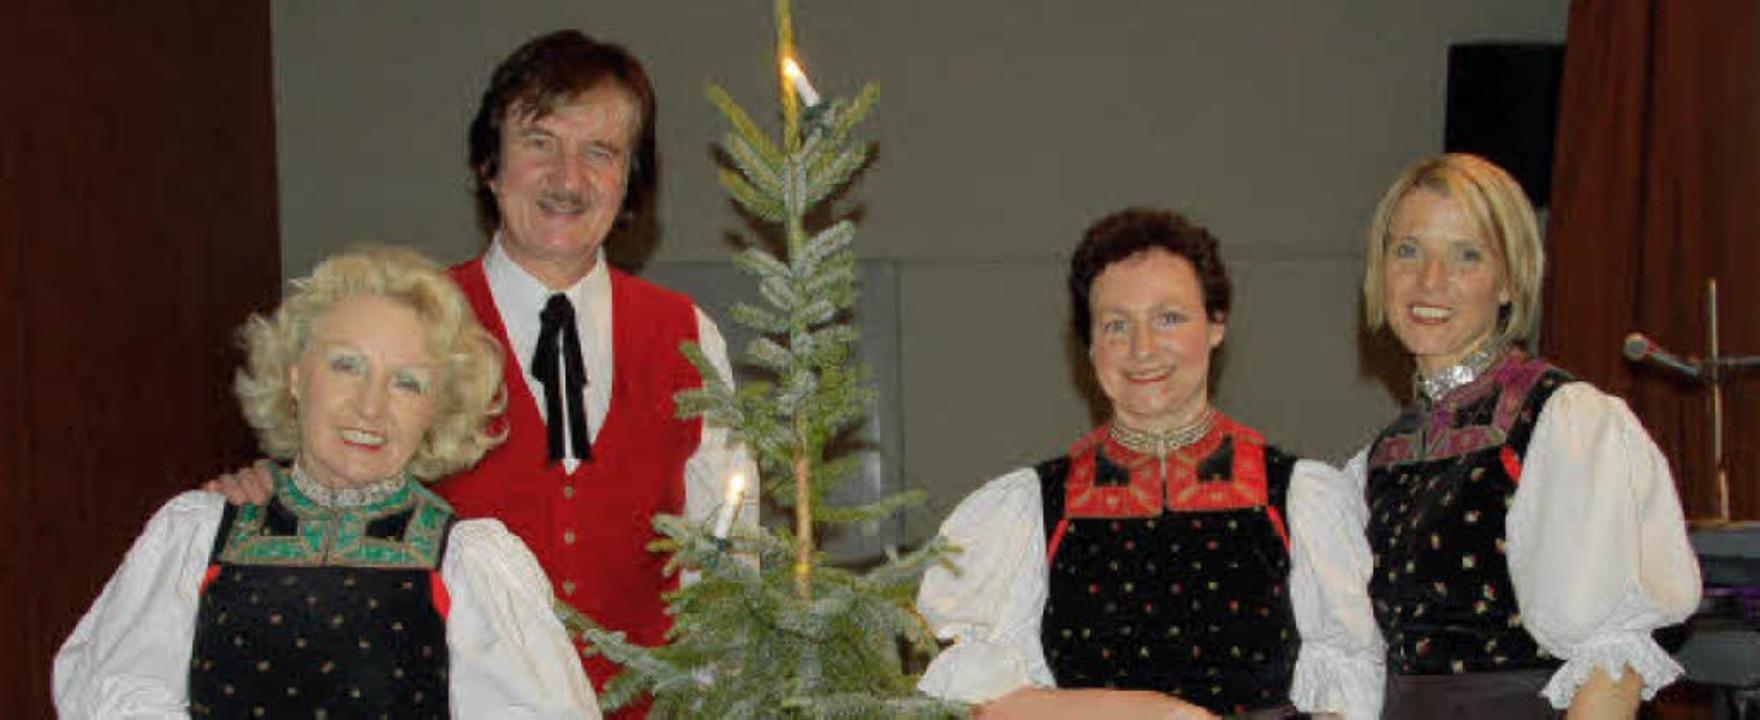 Beliebte Gäste beim Altenwerk in Reute: die Schwarzwaldfamilie Seitz  | Foto: Pia Grättinger